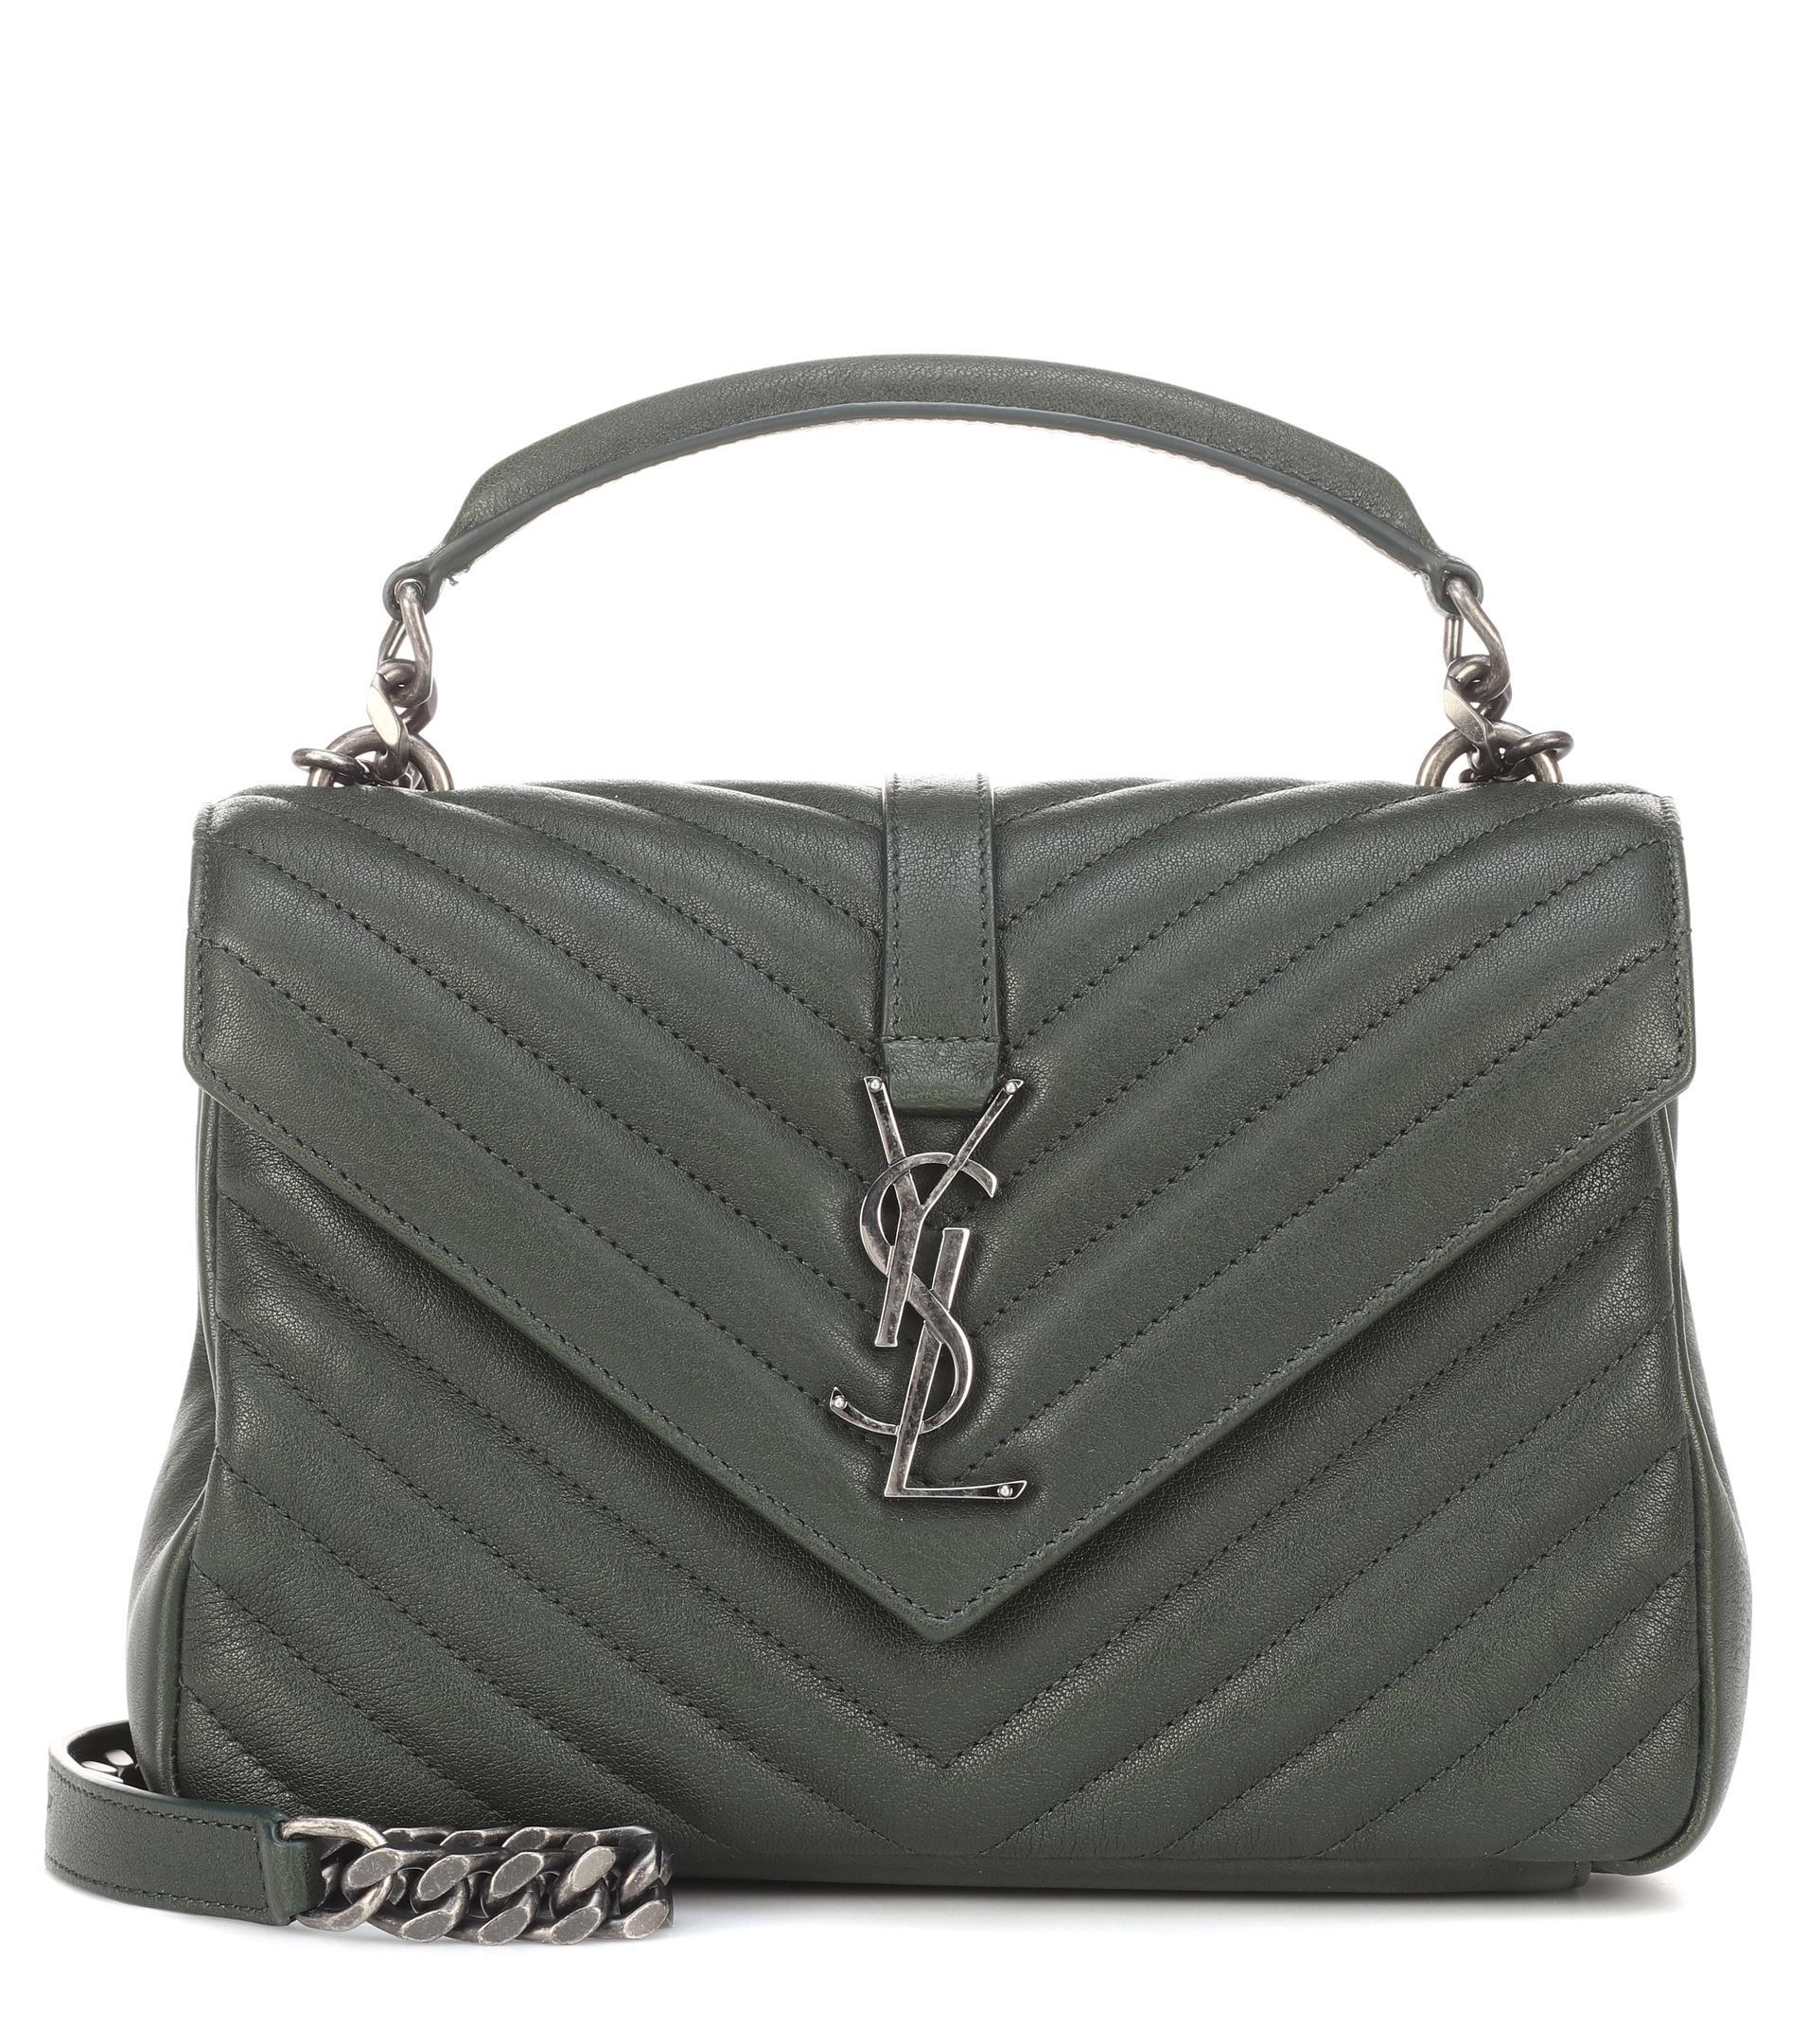 8b7fd62af18cd Saint Laurent Medium Collège Monogram Leather Shoulder Bag in Green ...